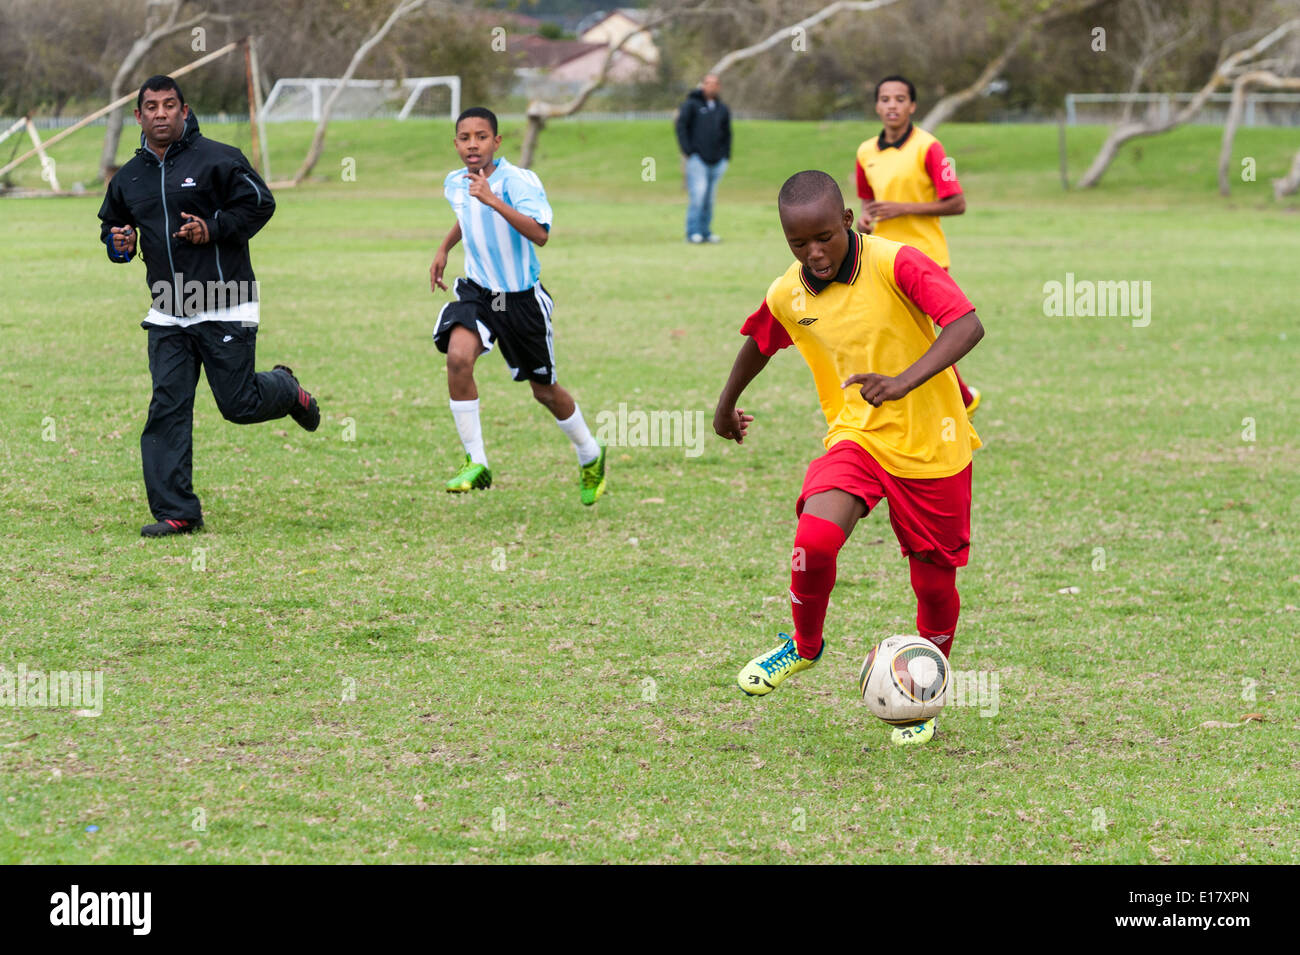 Football-Spieler läuft mit dem Ball, Schiedsrichter beobachten, Cape Town, Südafrika Stockbild